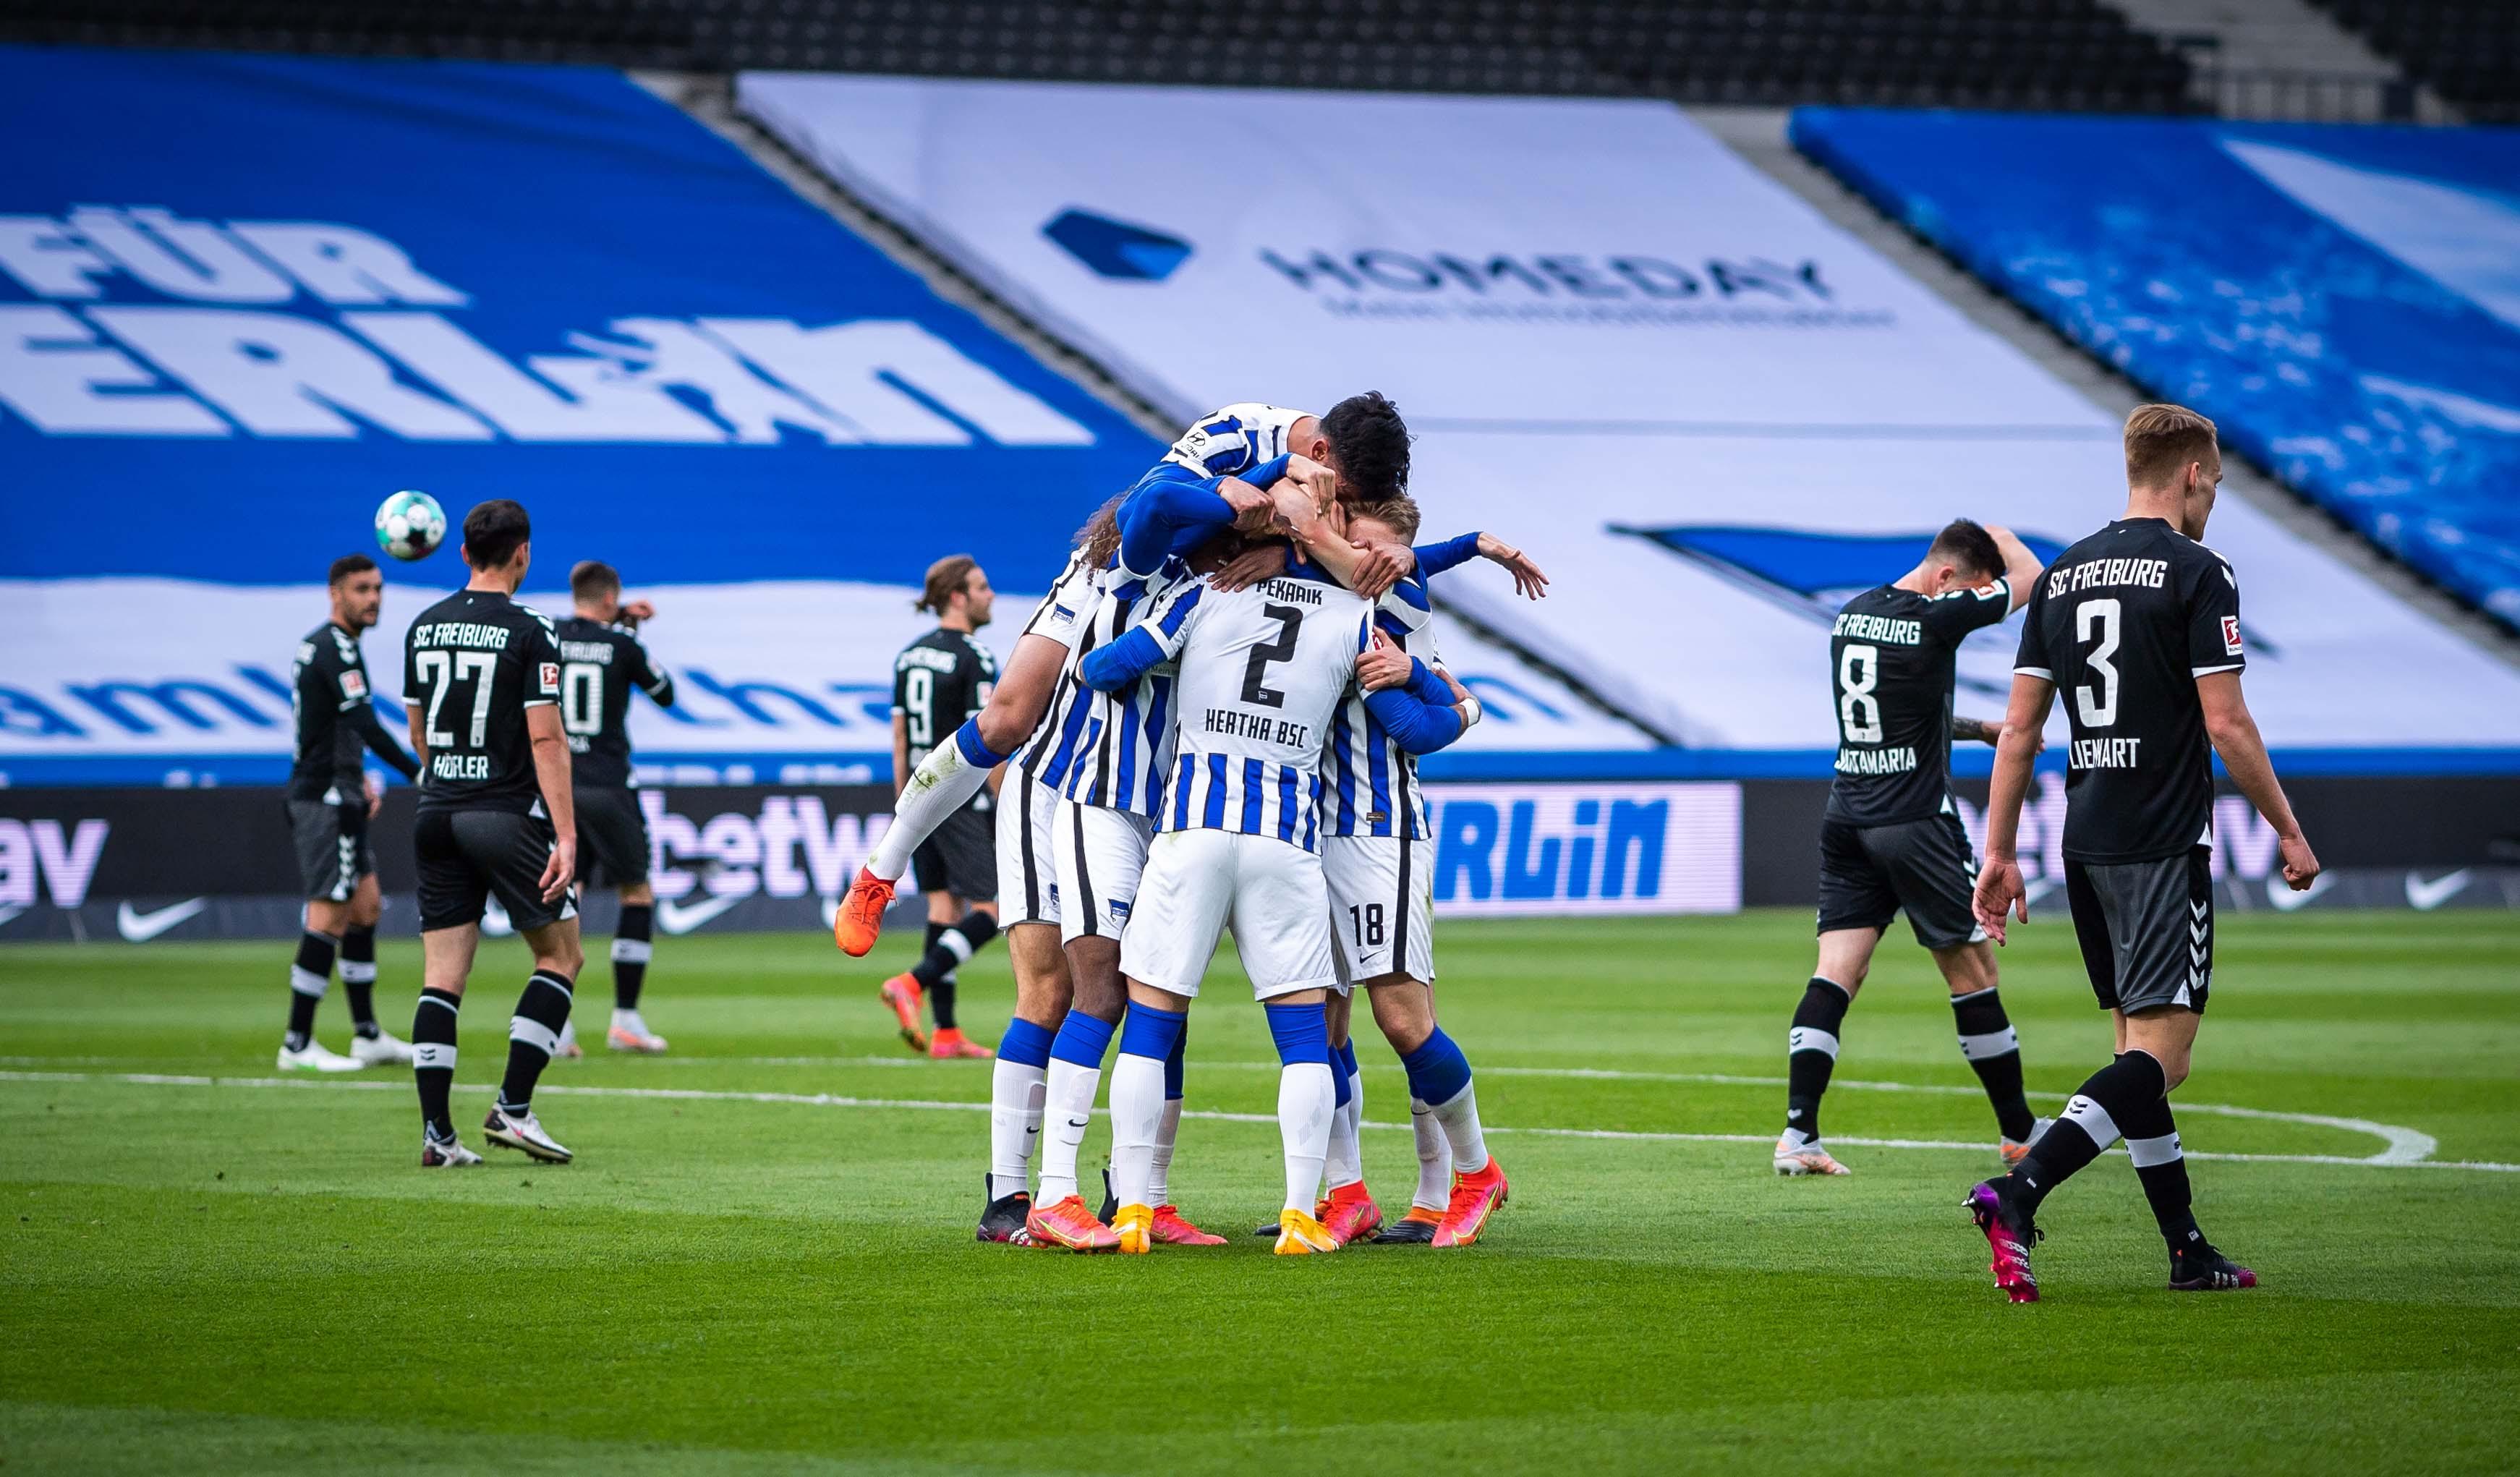 Die Spieler bejubeln das Tor von Pekarik zur 2:0-Führung.